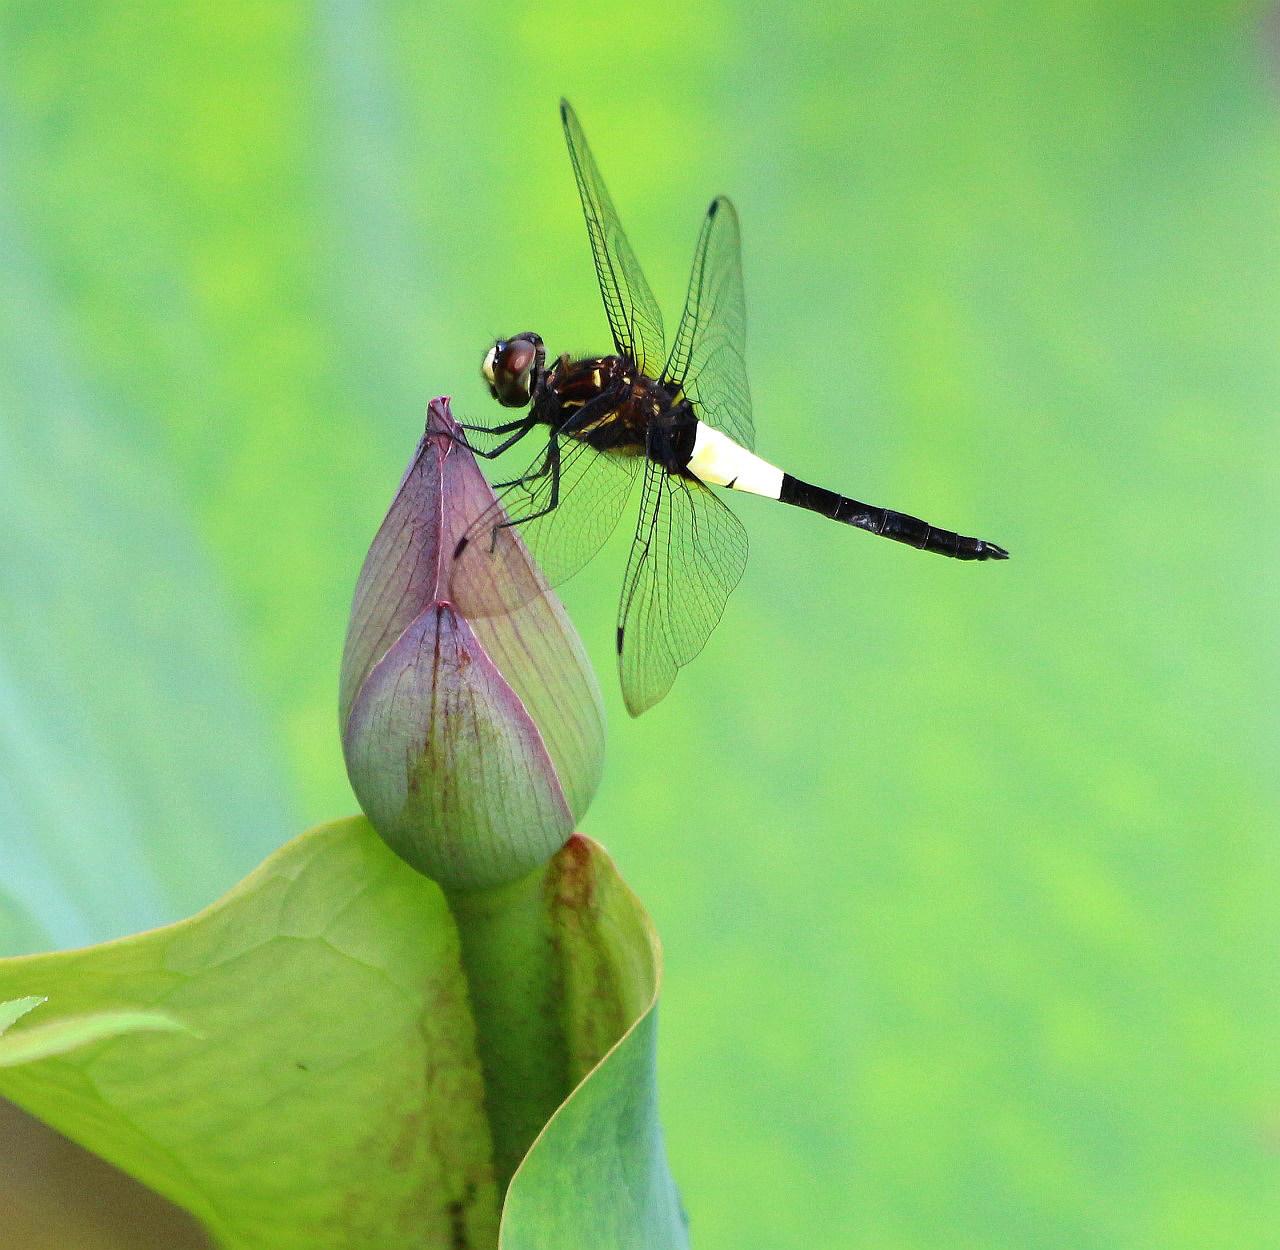 荷塘里的黑蜻蜓